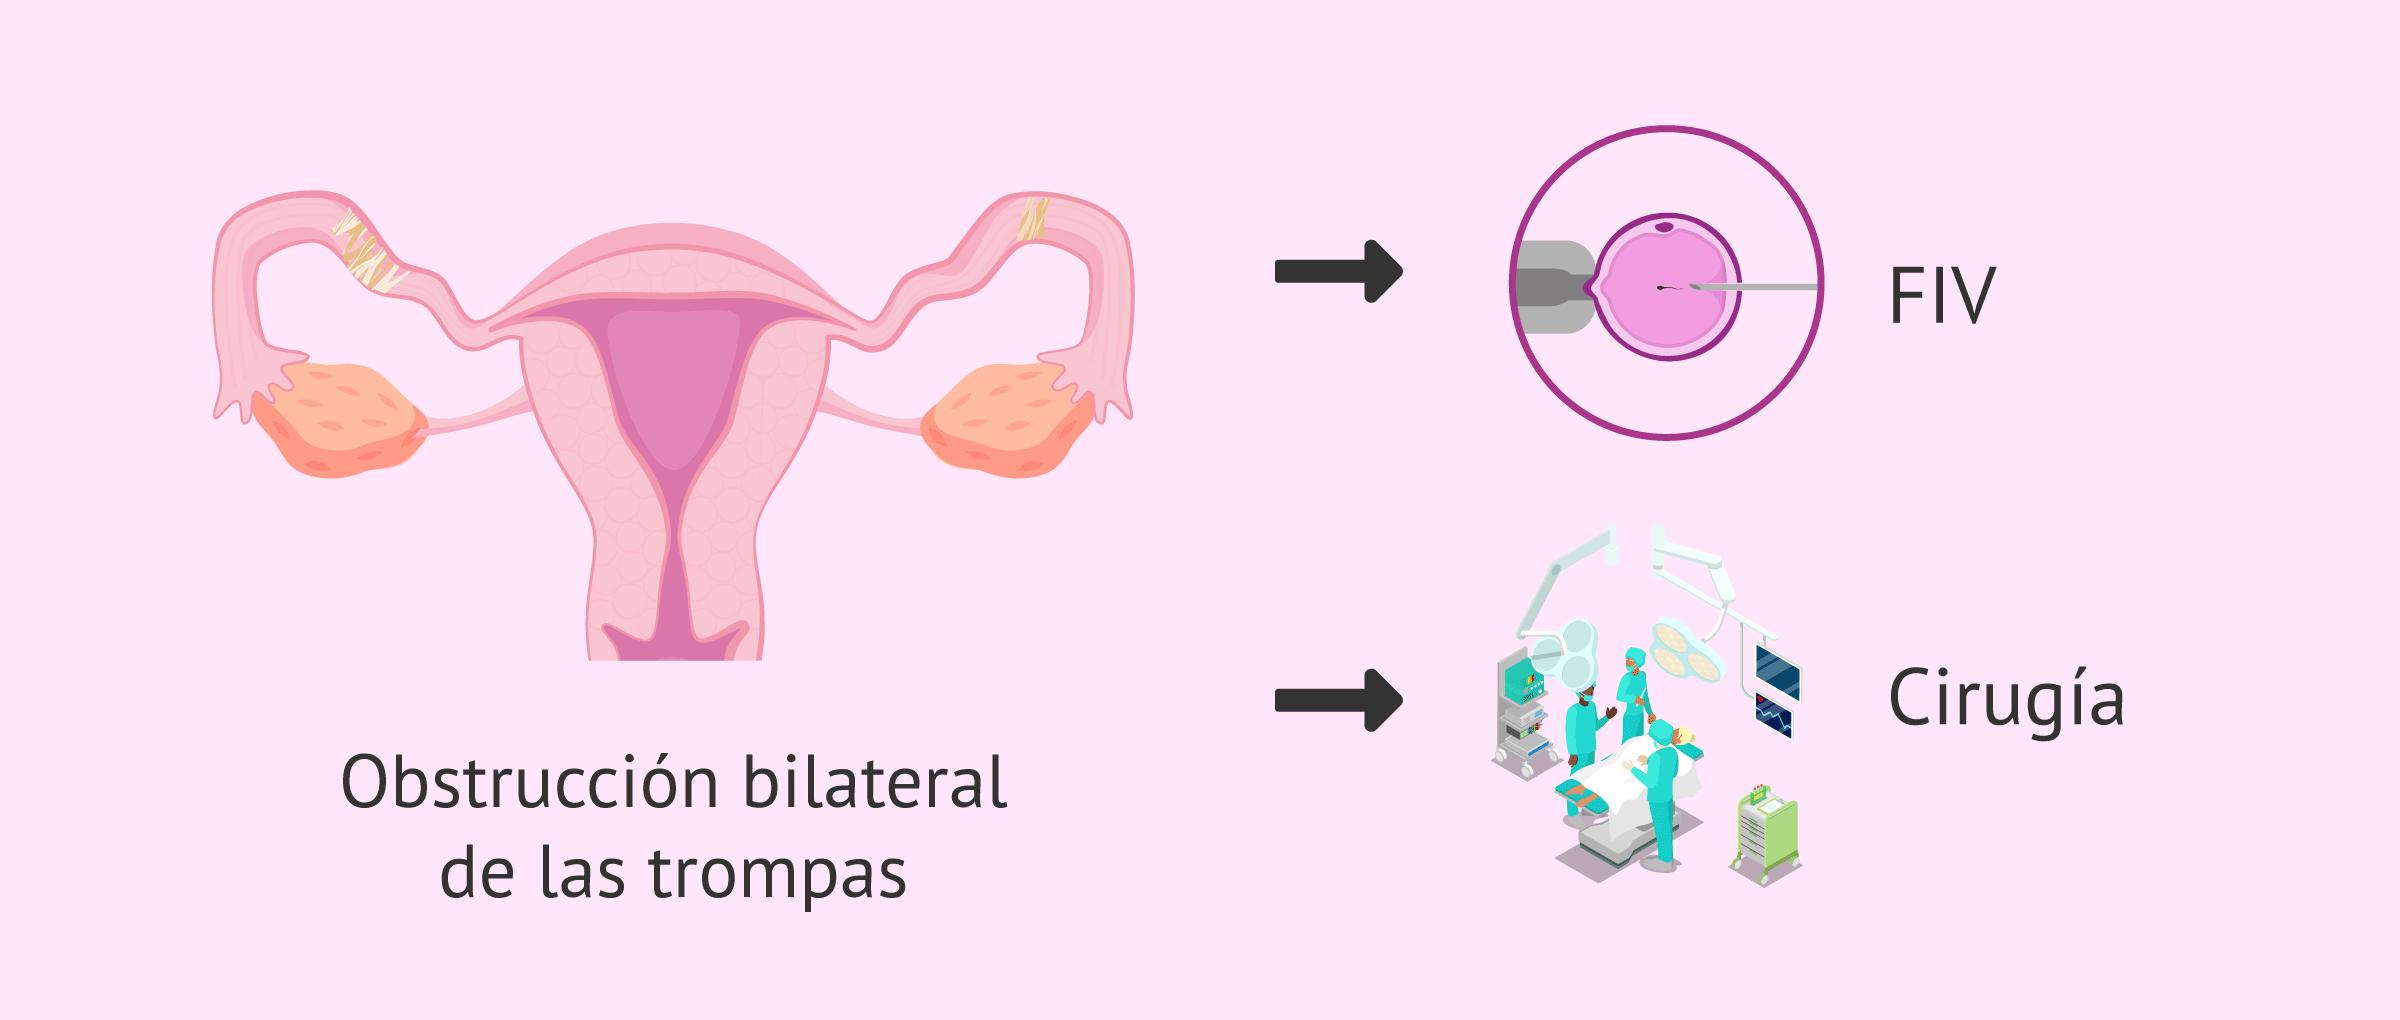 Embarazo con obstrucción tubárica bilateral